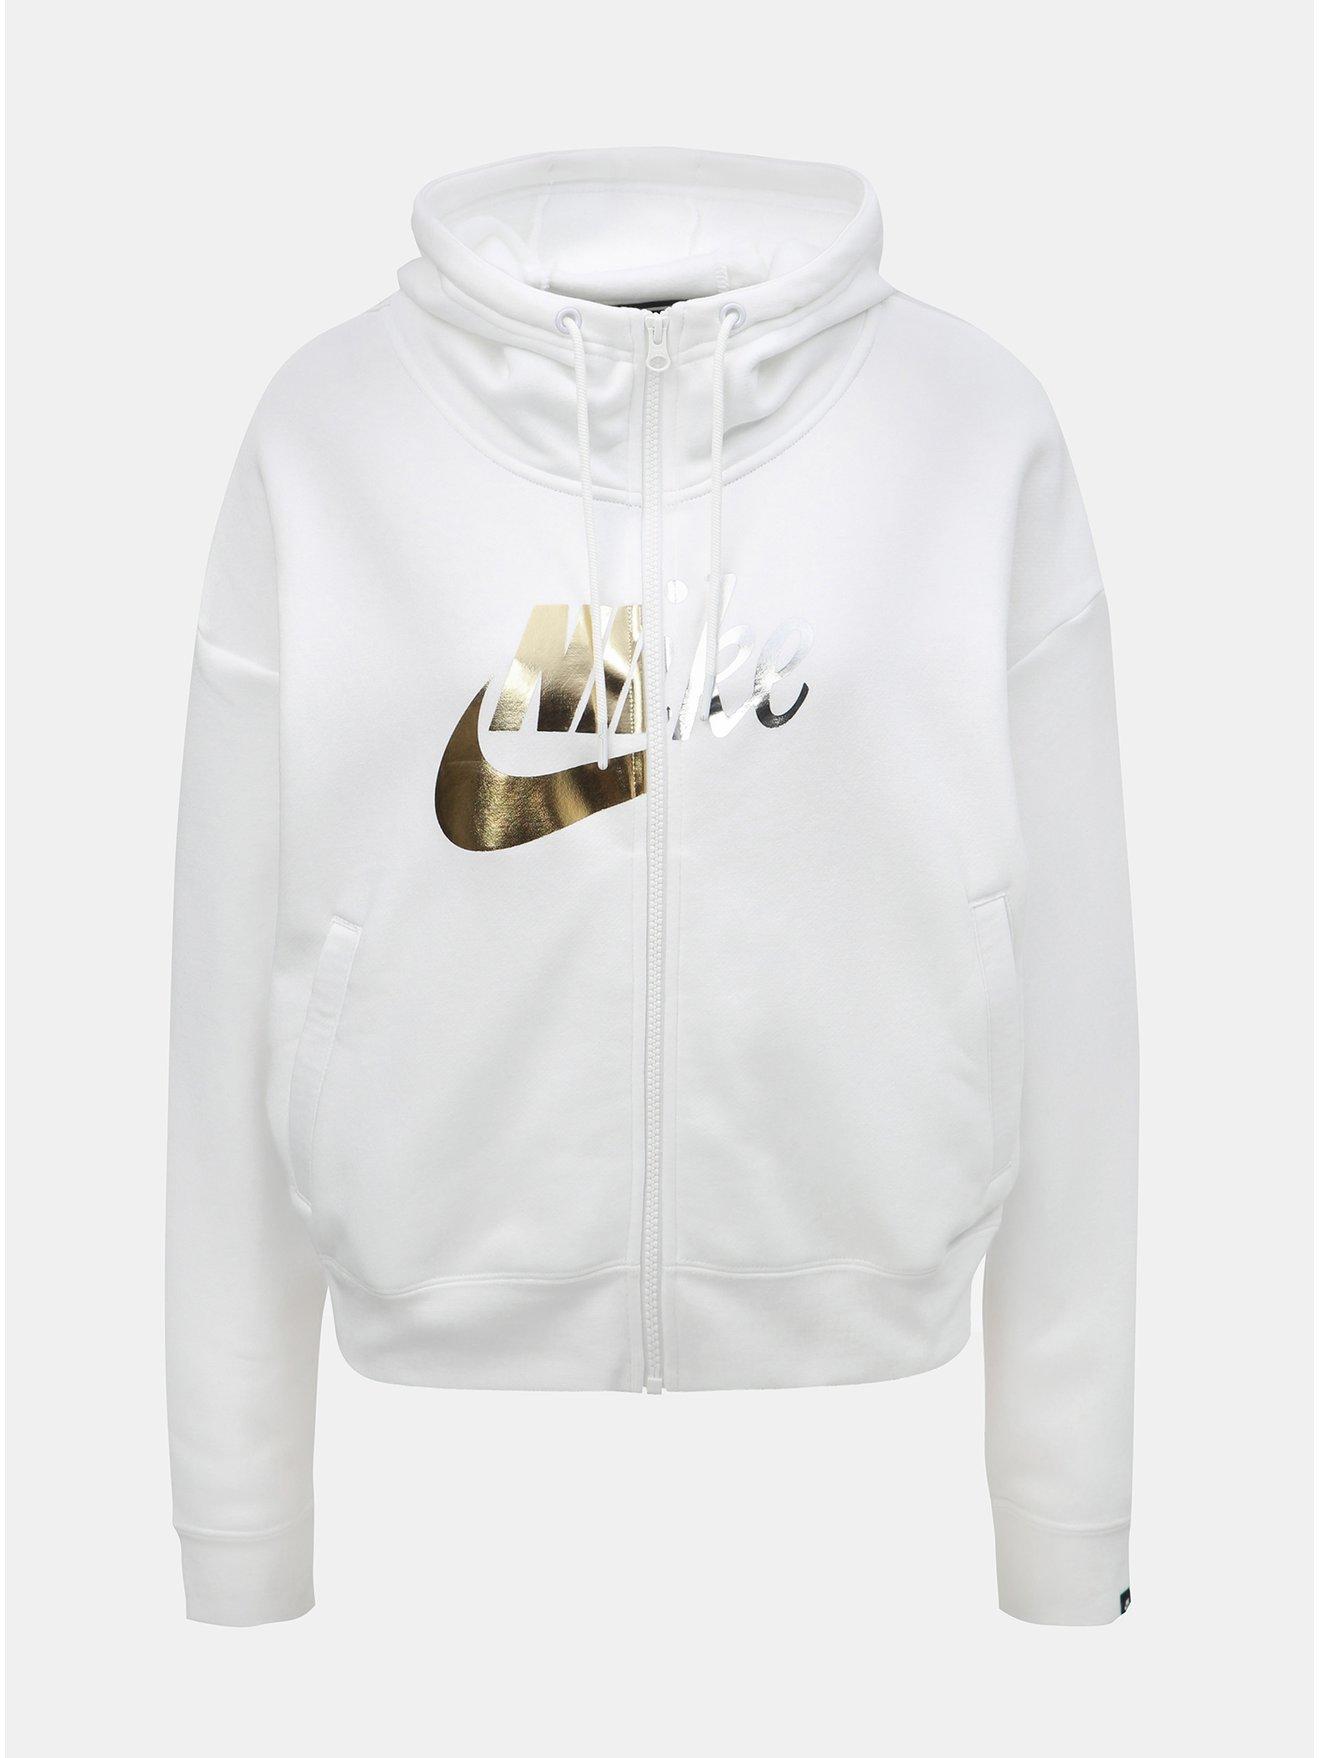 93f738d313 Bílá dámská oversize mikina s potiskem Nike